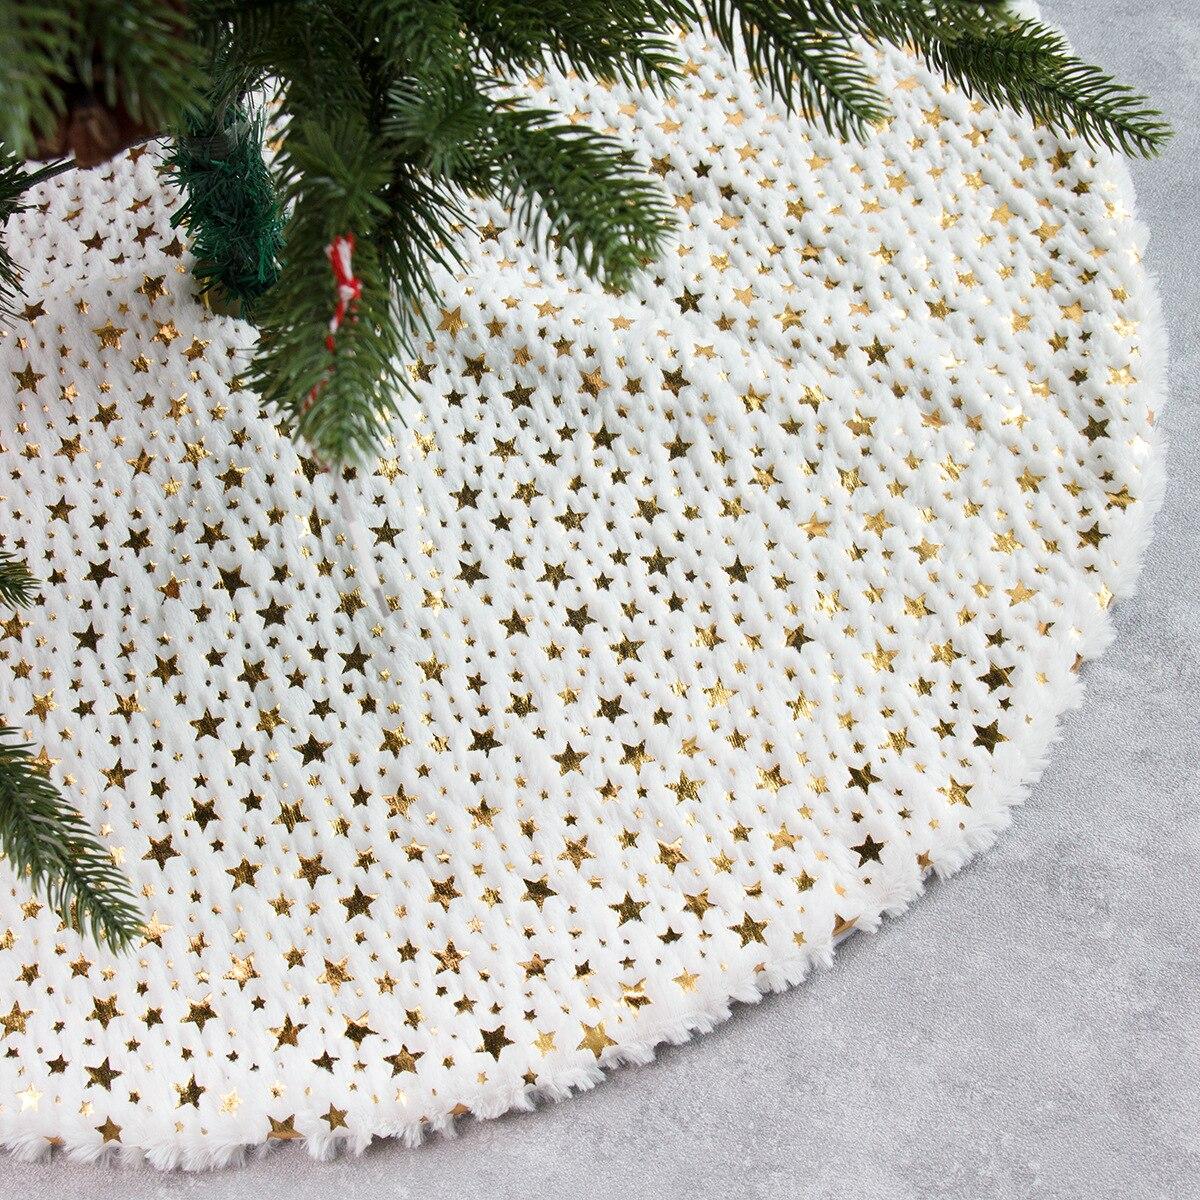 Falda De árbol De peluche con estampado De estrellas De Navidad, decoración...